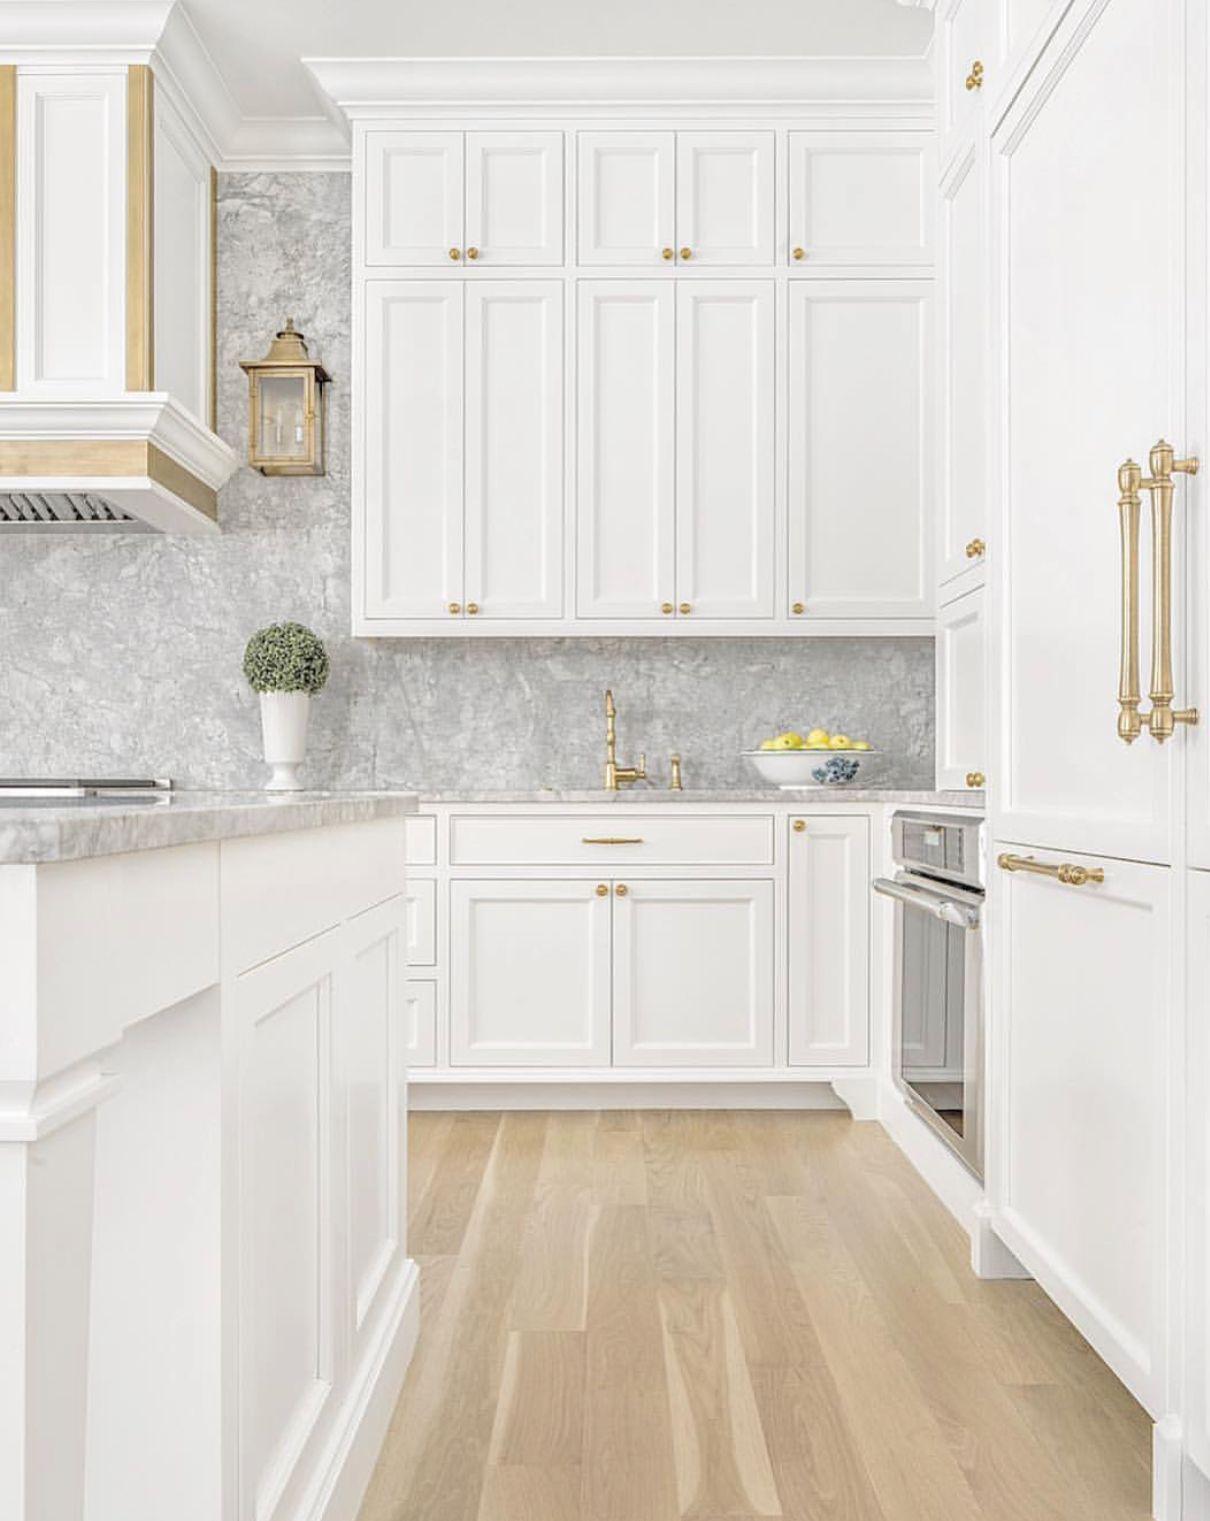 Kitchen Design Ideas White Kitchens Kitchen Inspiration Dining Table Accessories Modern Kitchen Interiors White Kitchen Design Modern Kitchen Design